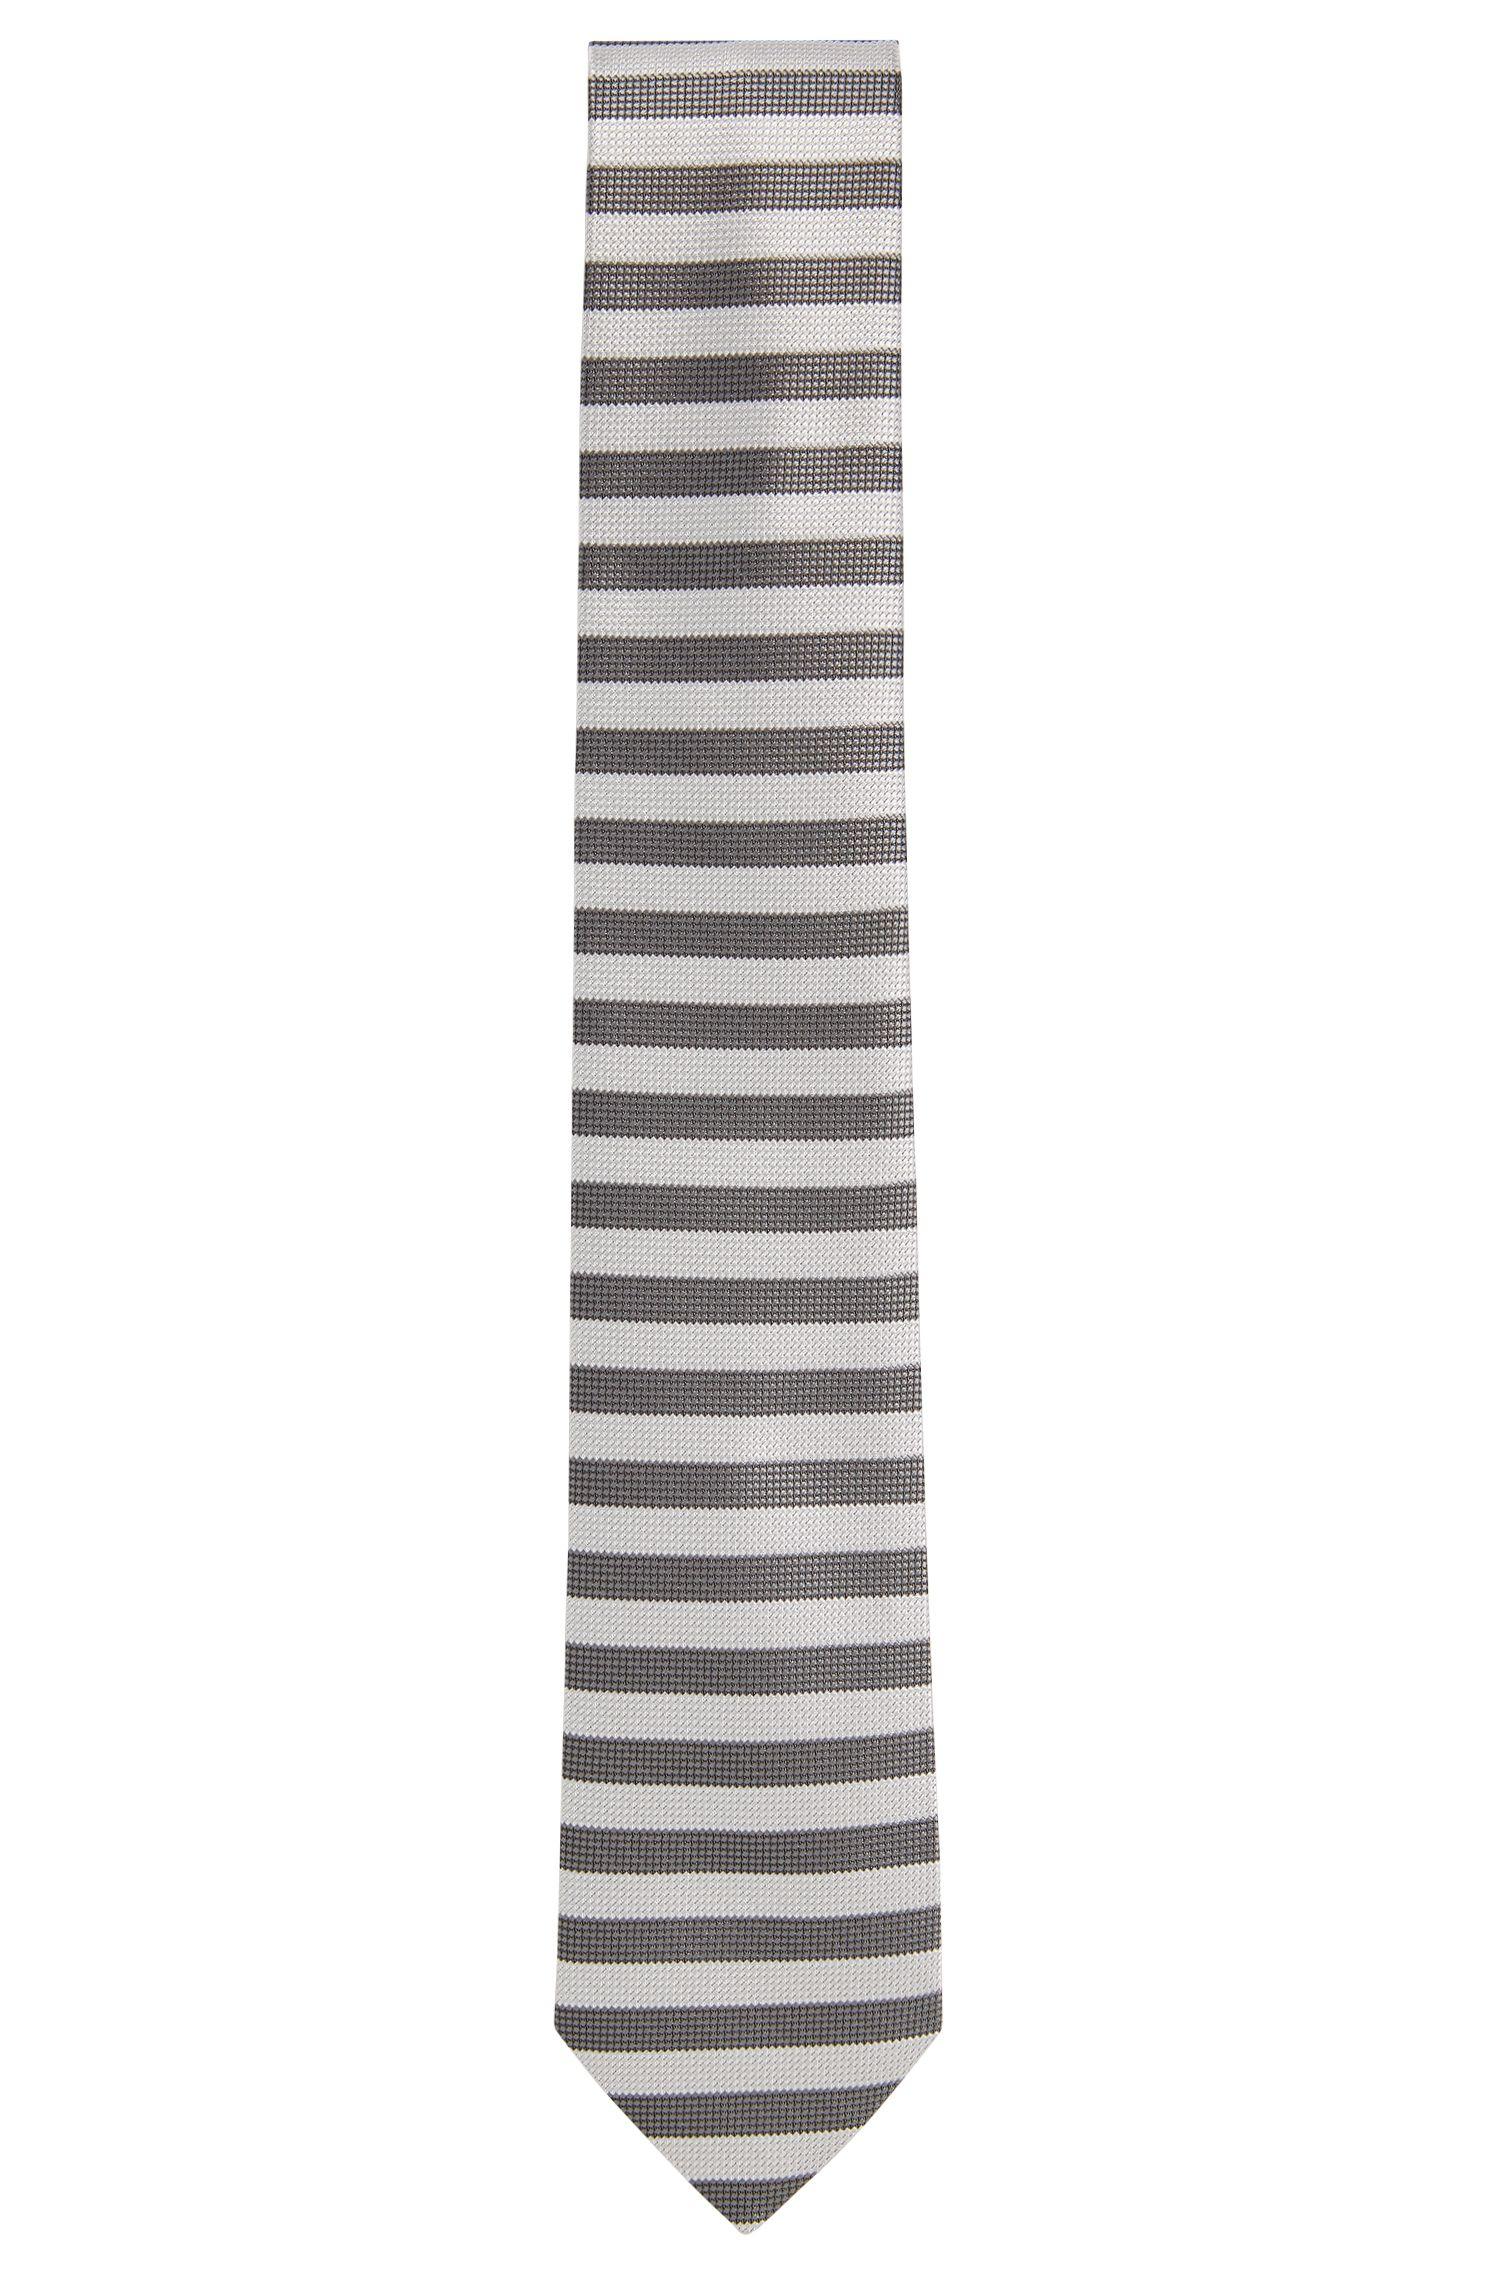 Cravate jacquard en soie à motif contrastant